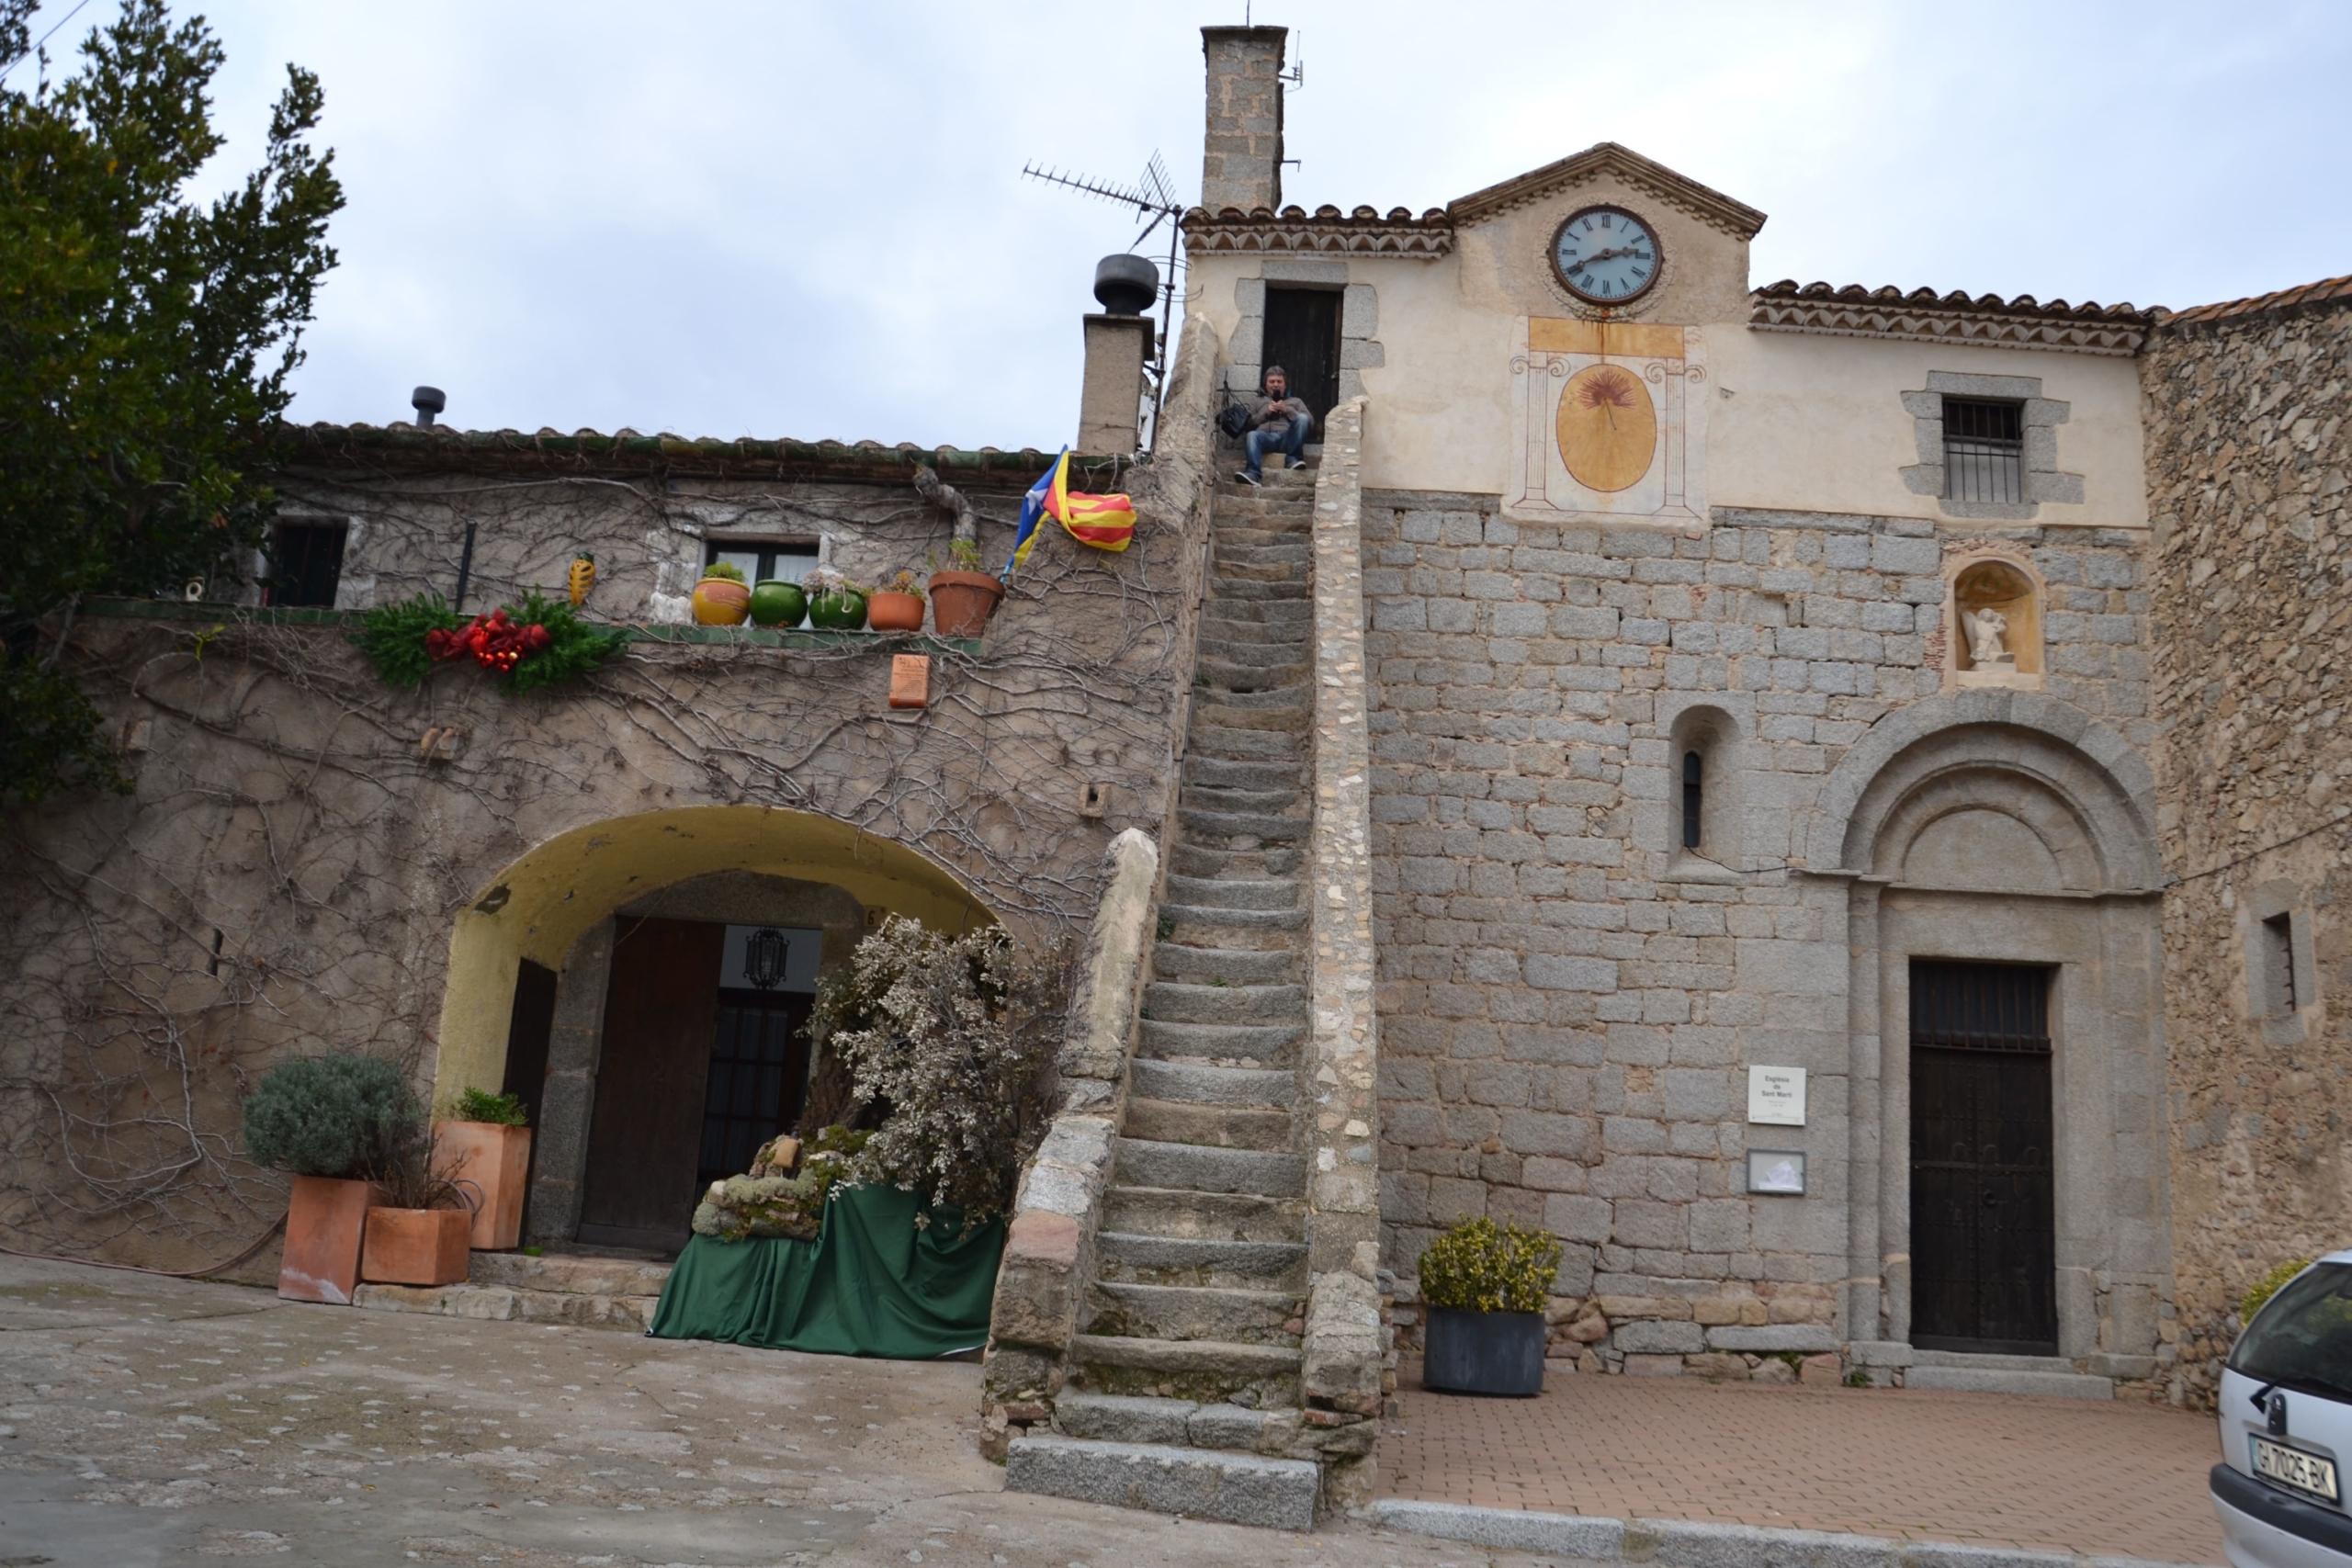 La Vajol church